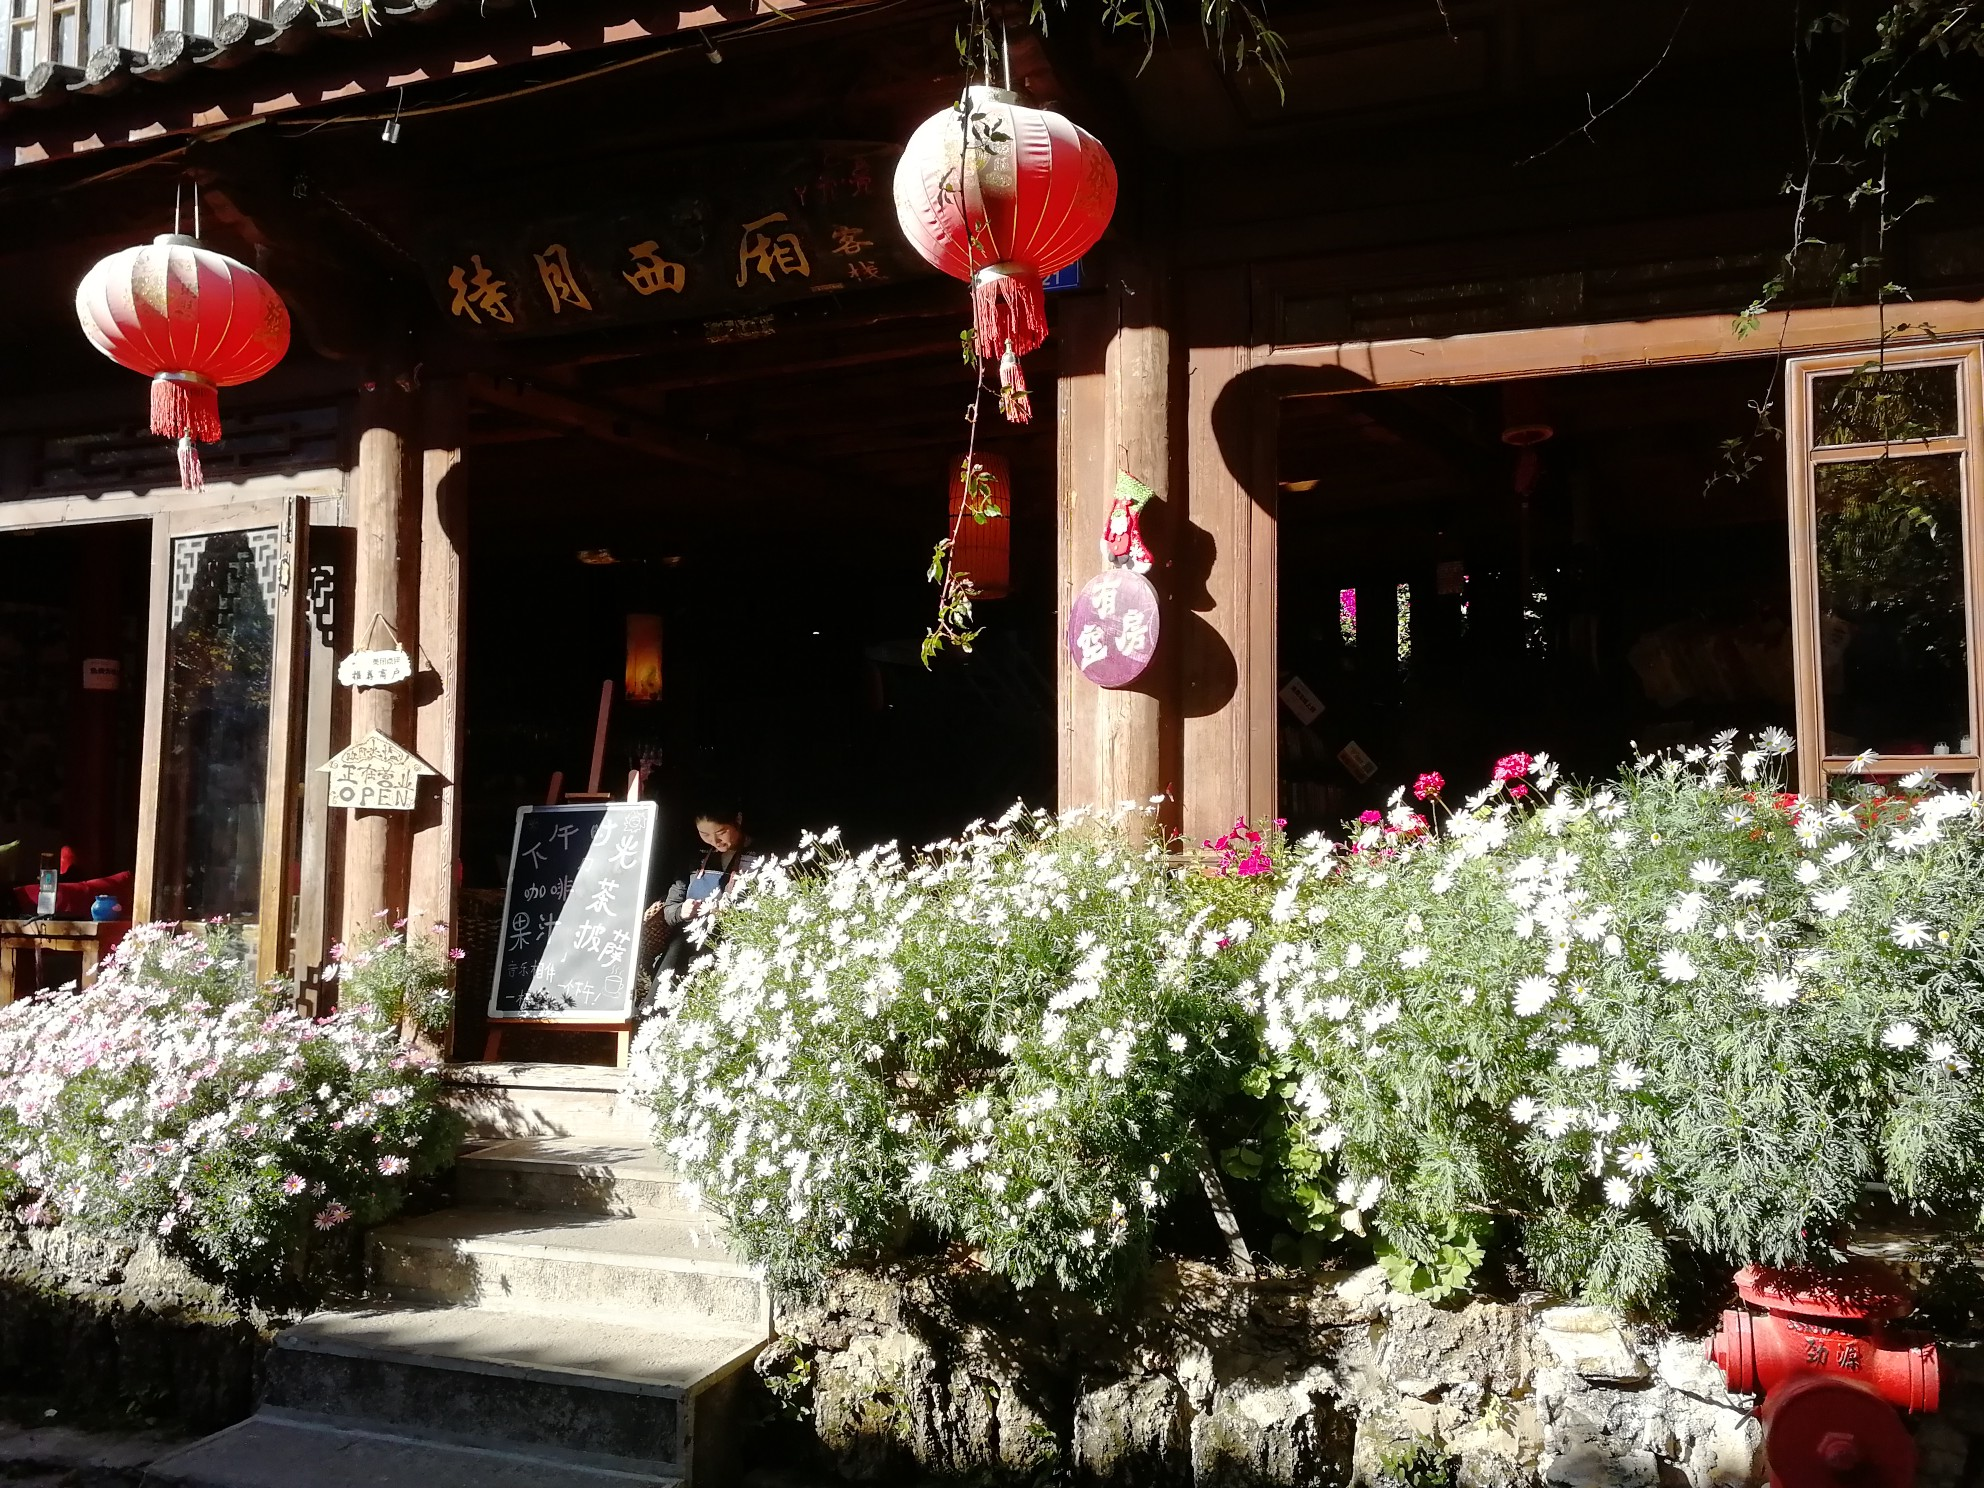 丽江古城给我两个印象建筑壮观和音乐美妙